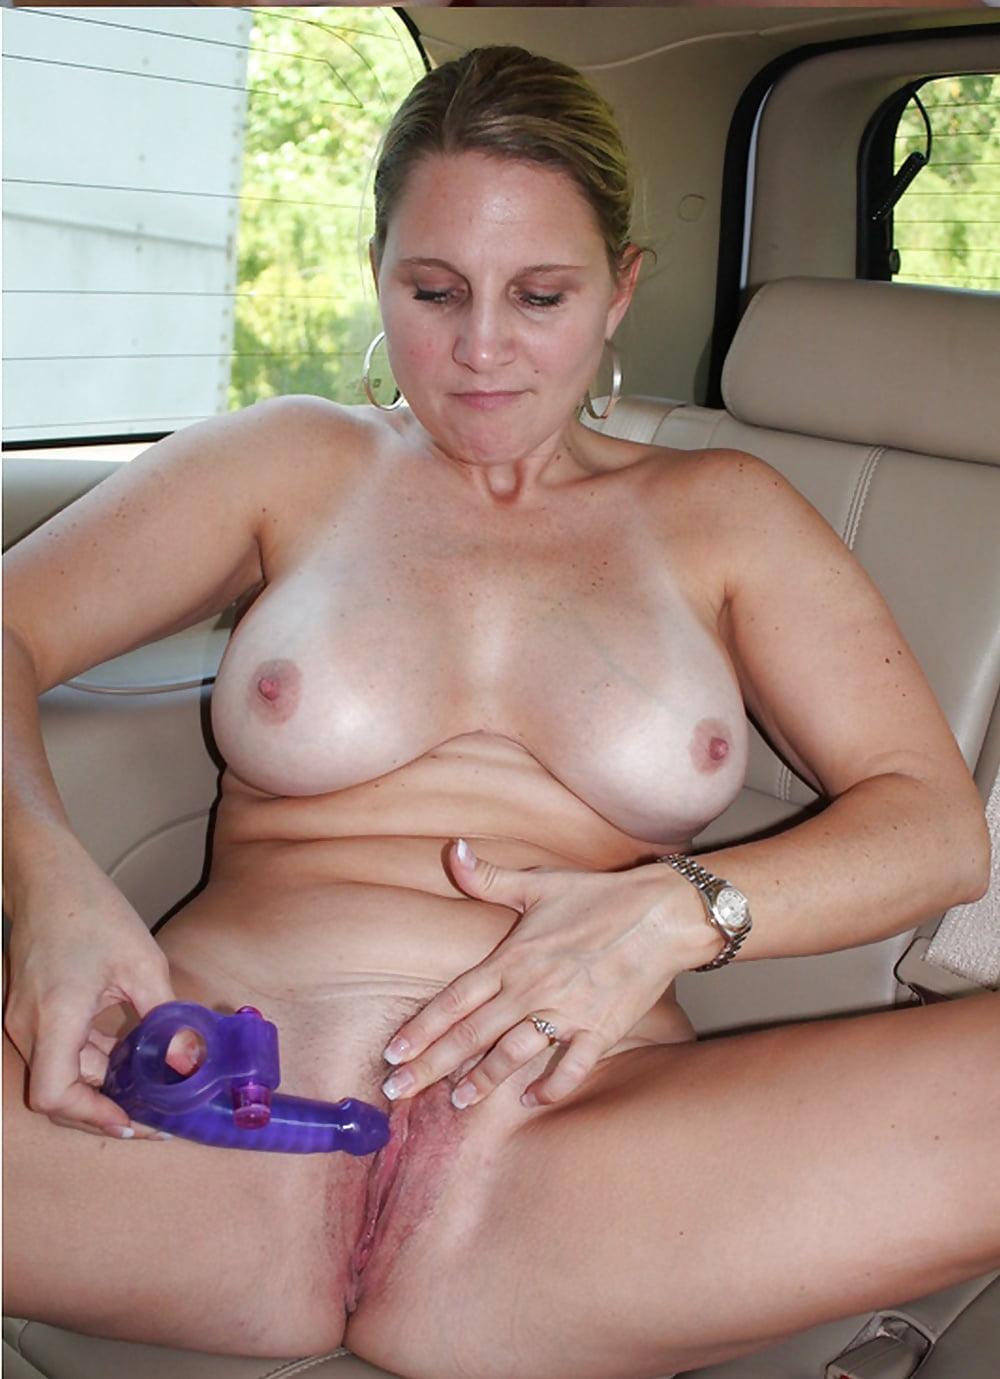 зрелая женщина мастурбация красотка работает тренажерном